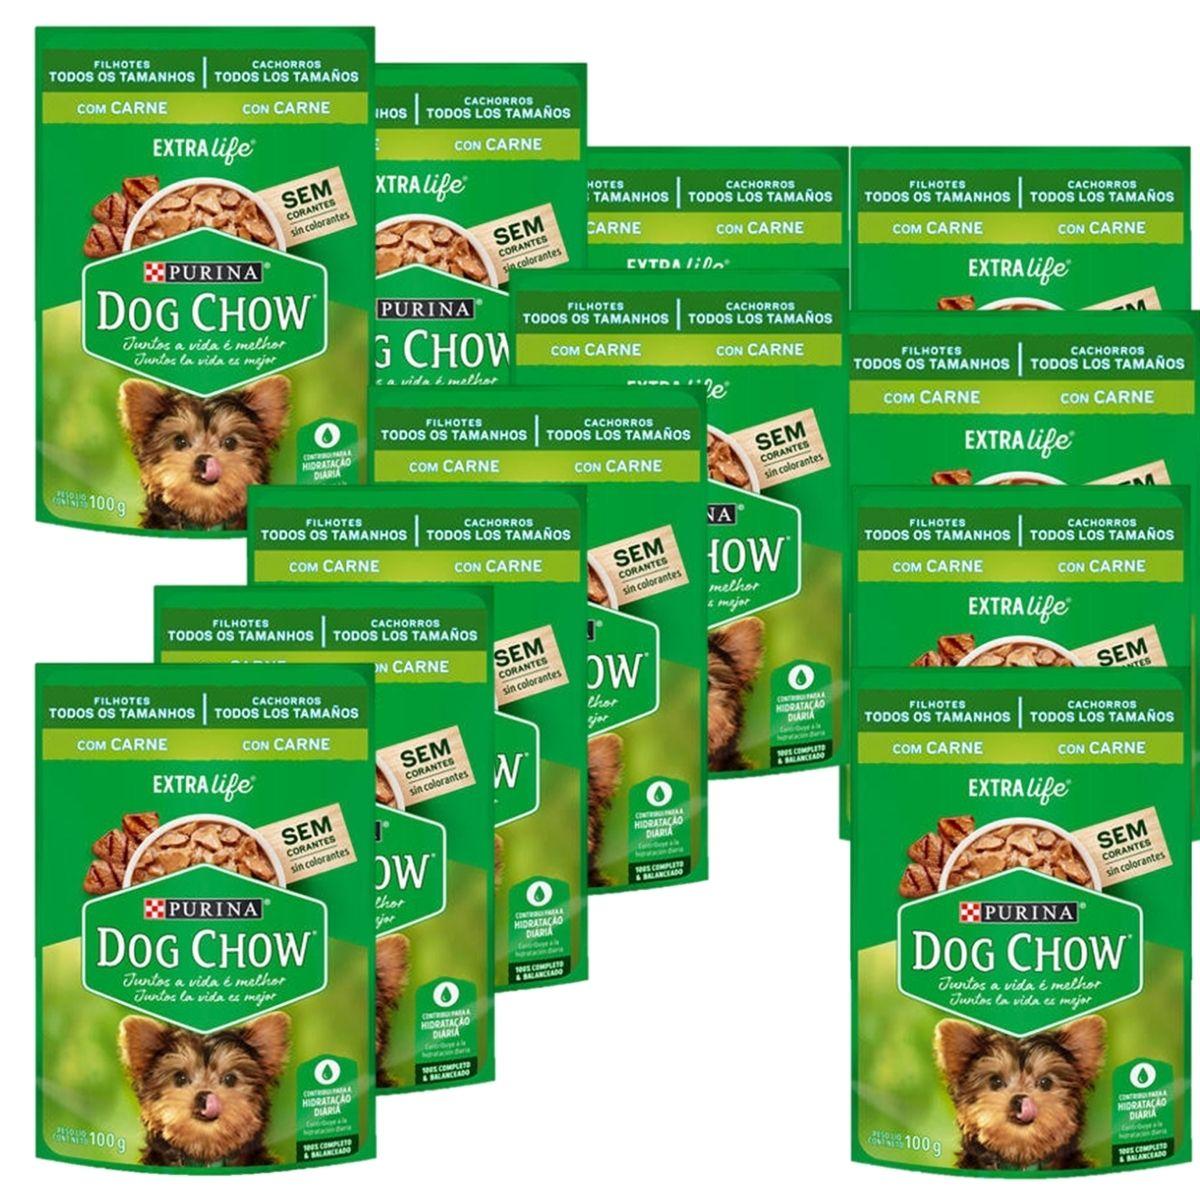 Sachê Dog Chow Cães filhotes sabor carne 12 unidades